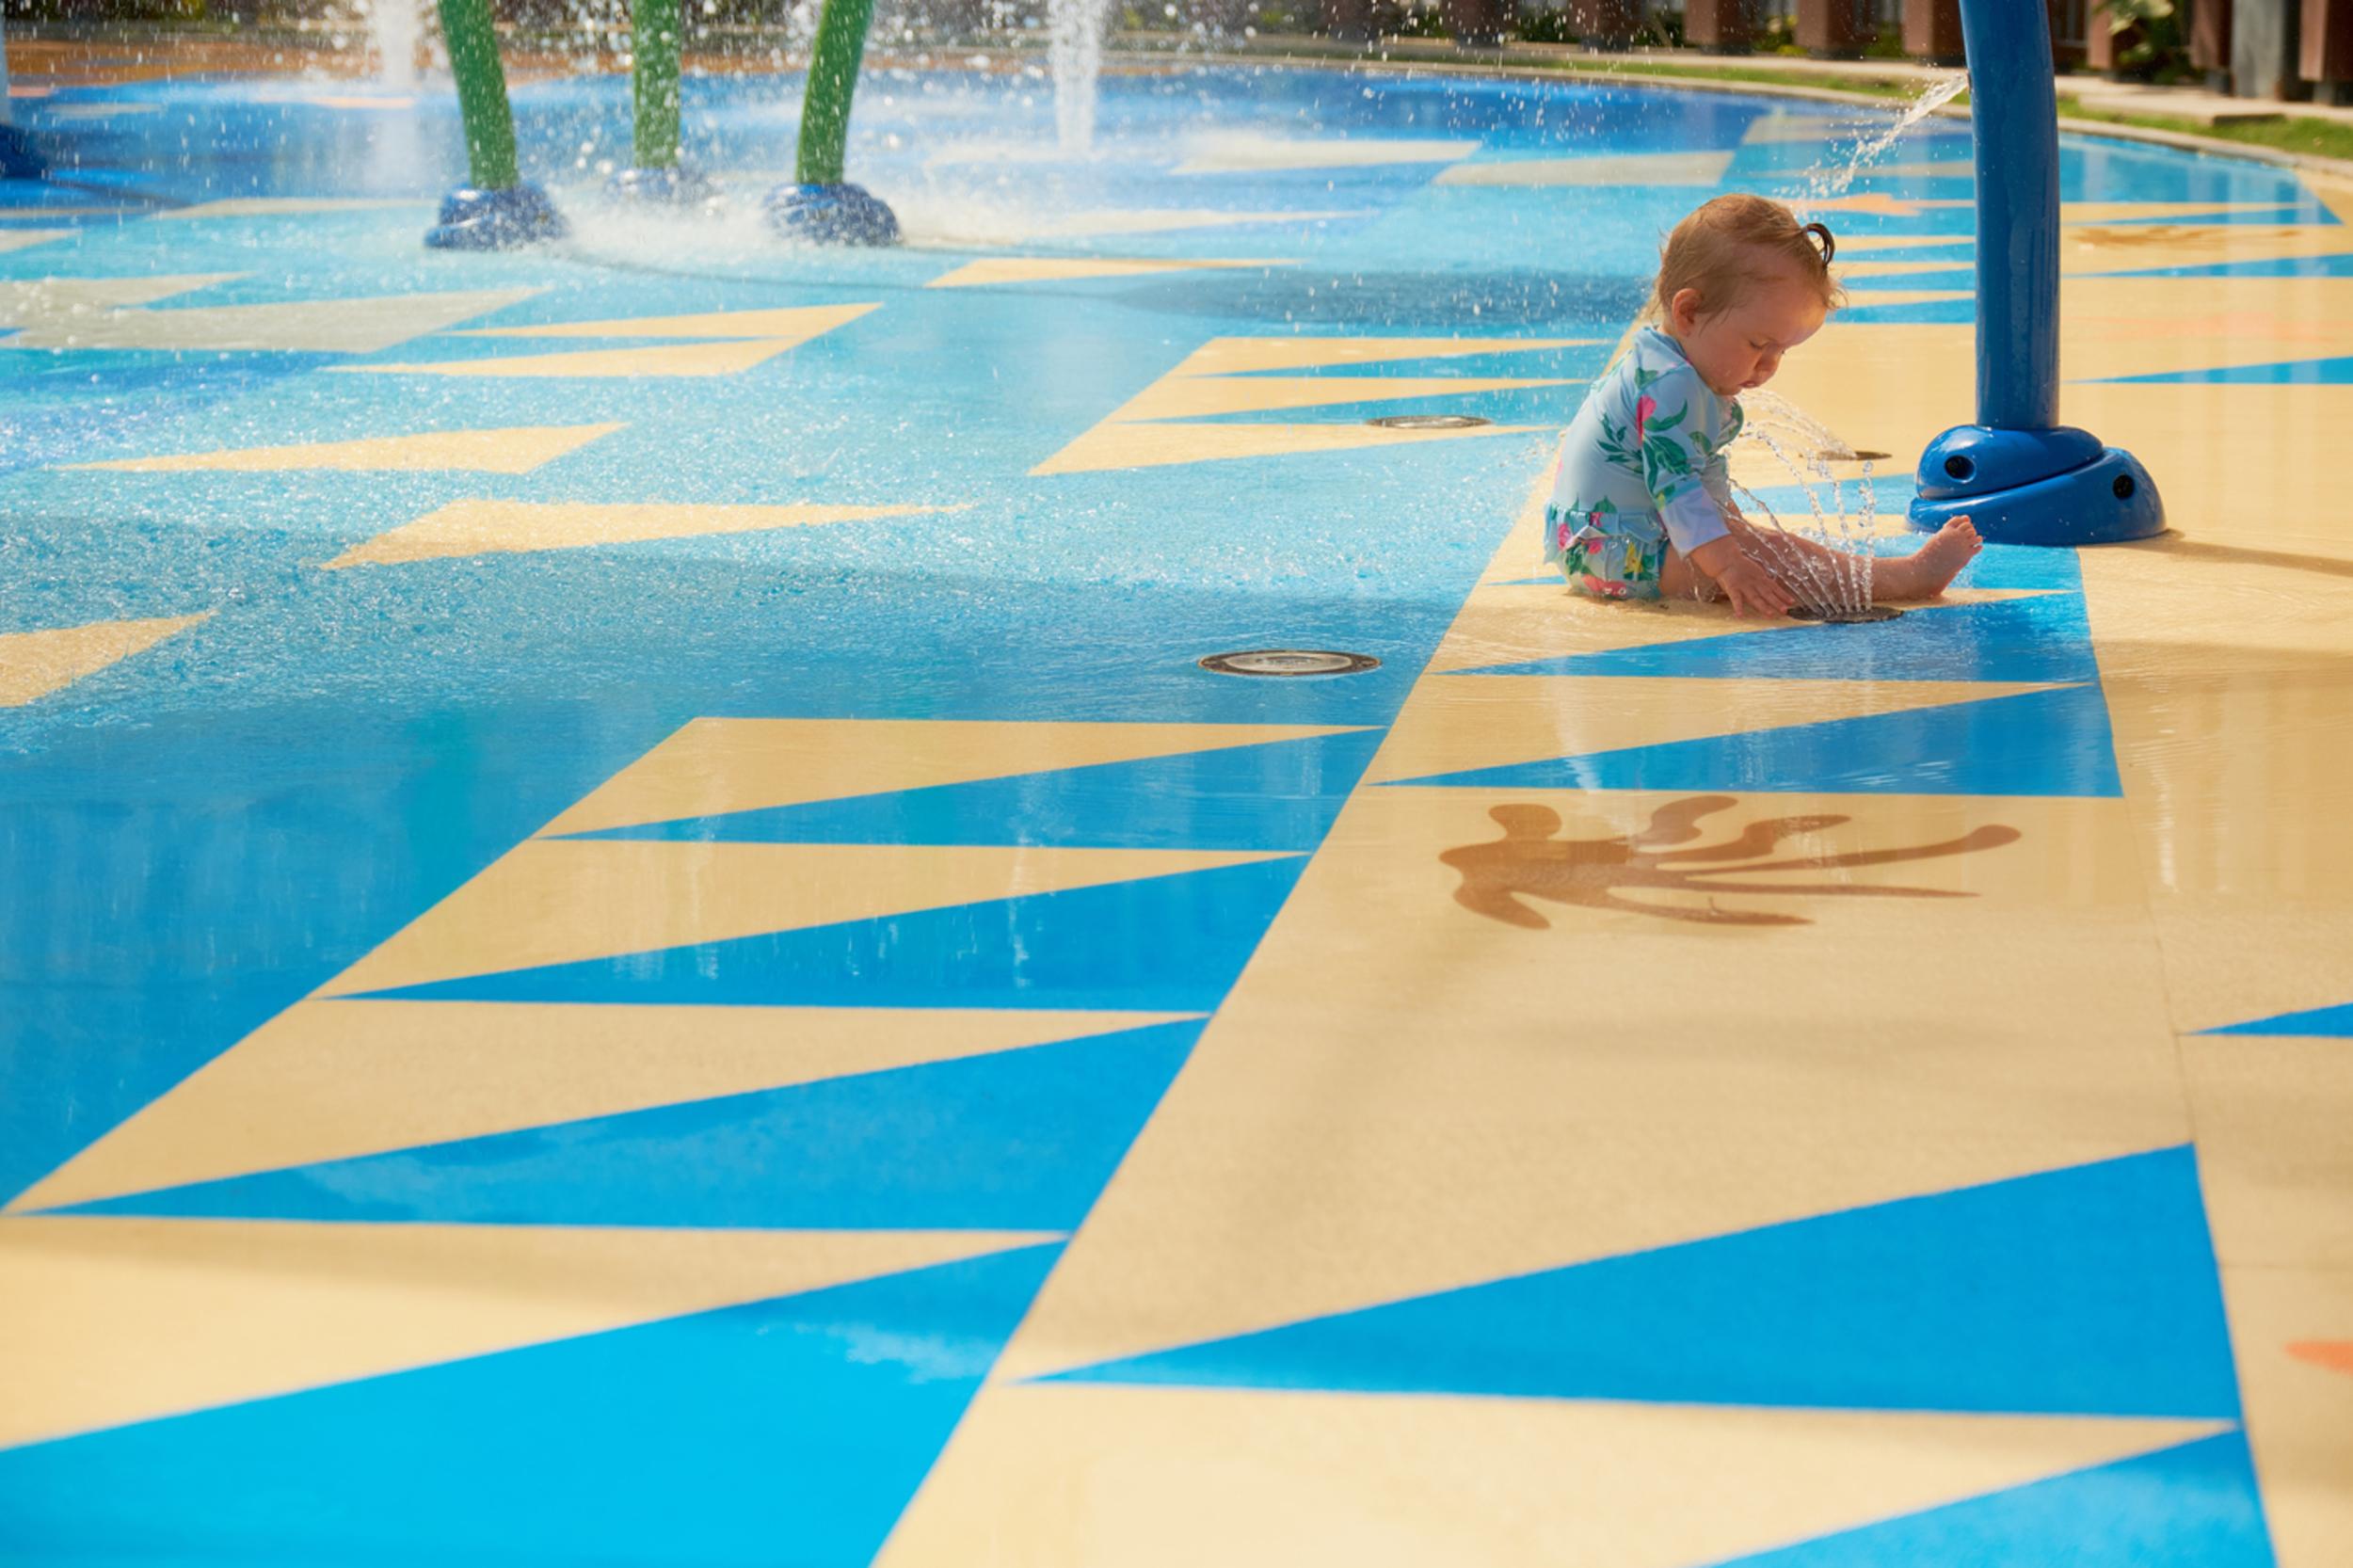 The_Beach_Splash_Pad_RGR26626 (5).jpg